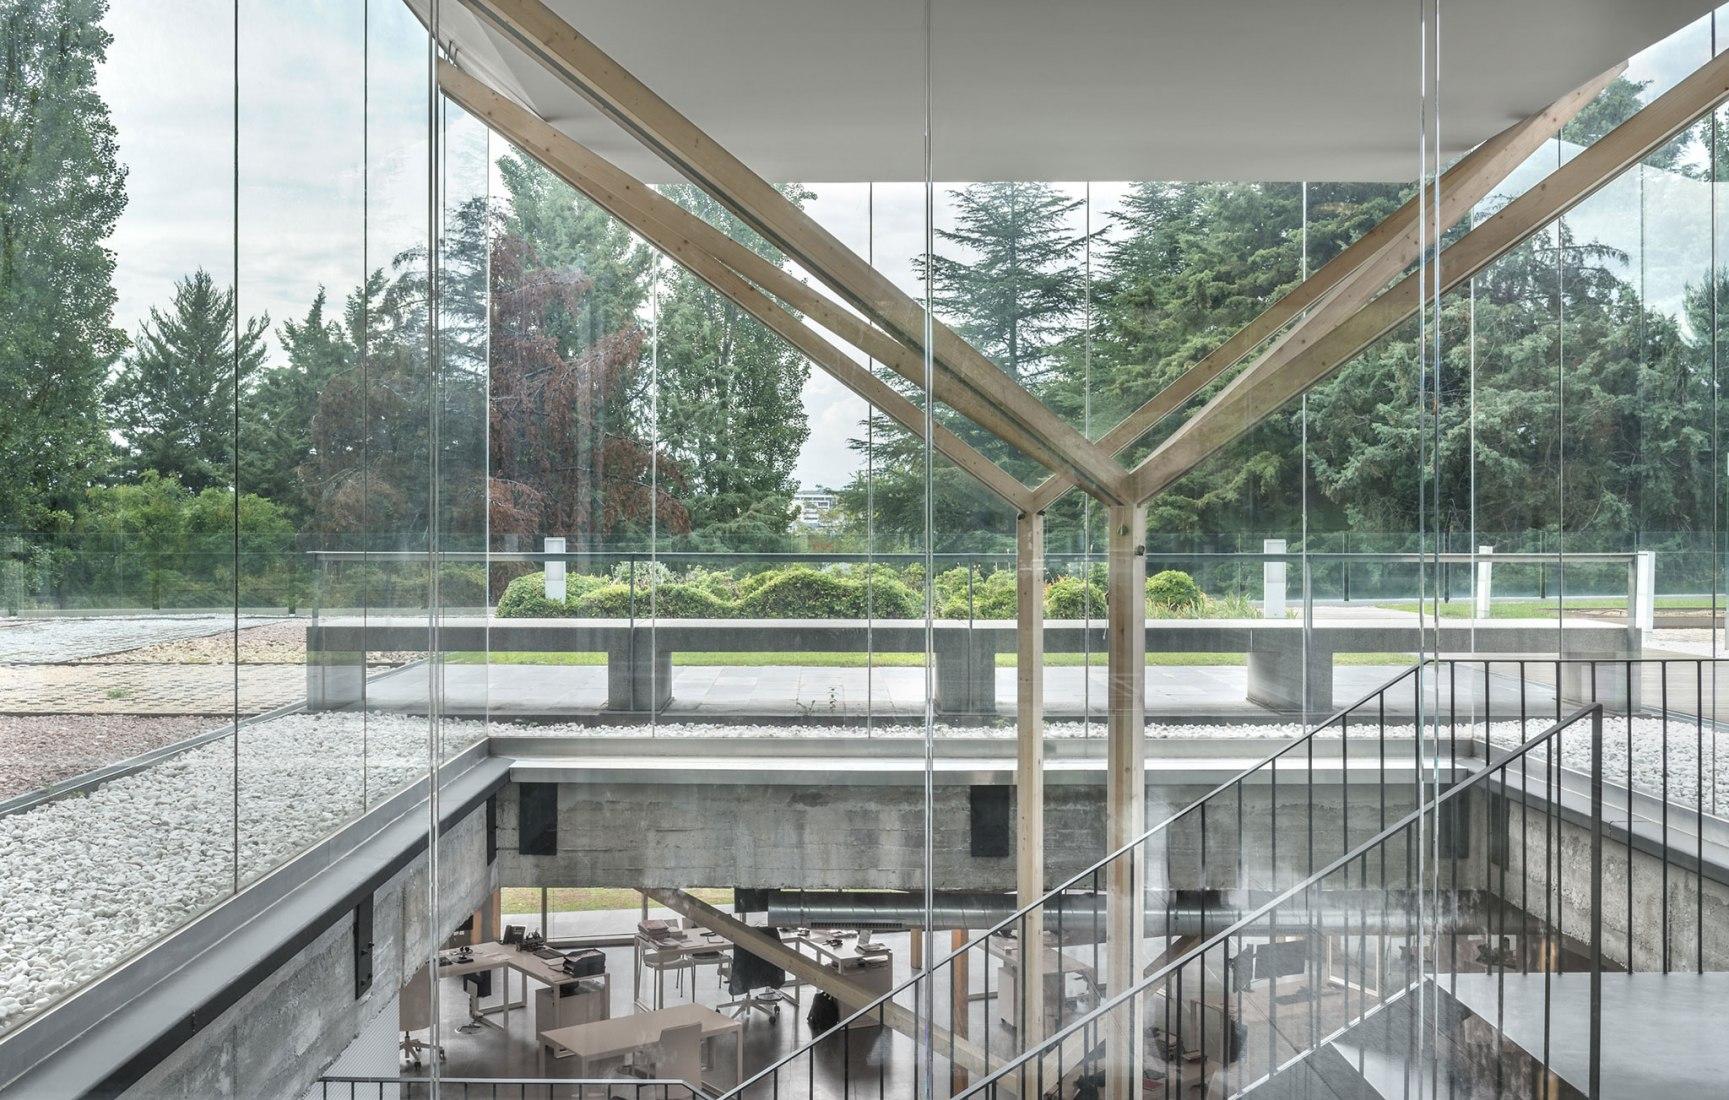 El Campus Arbea de Alcobendas por Taller Básico de Arquitectura. Fotografía por Lucía Gorostiegui